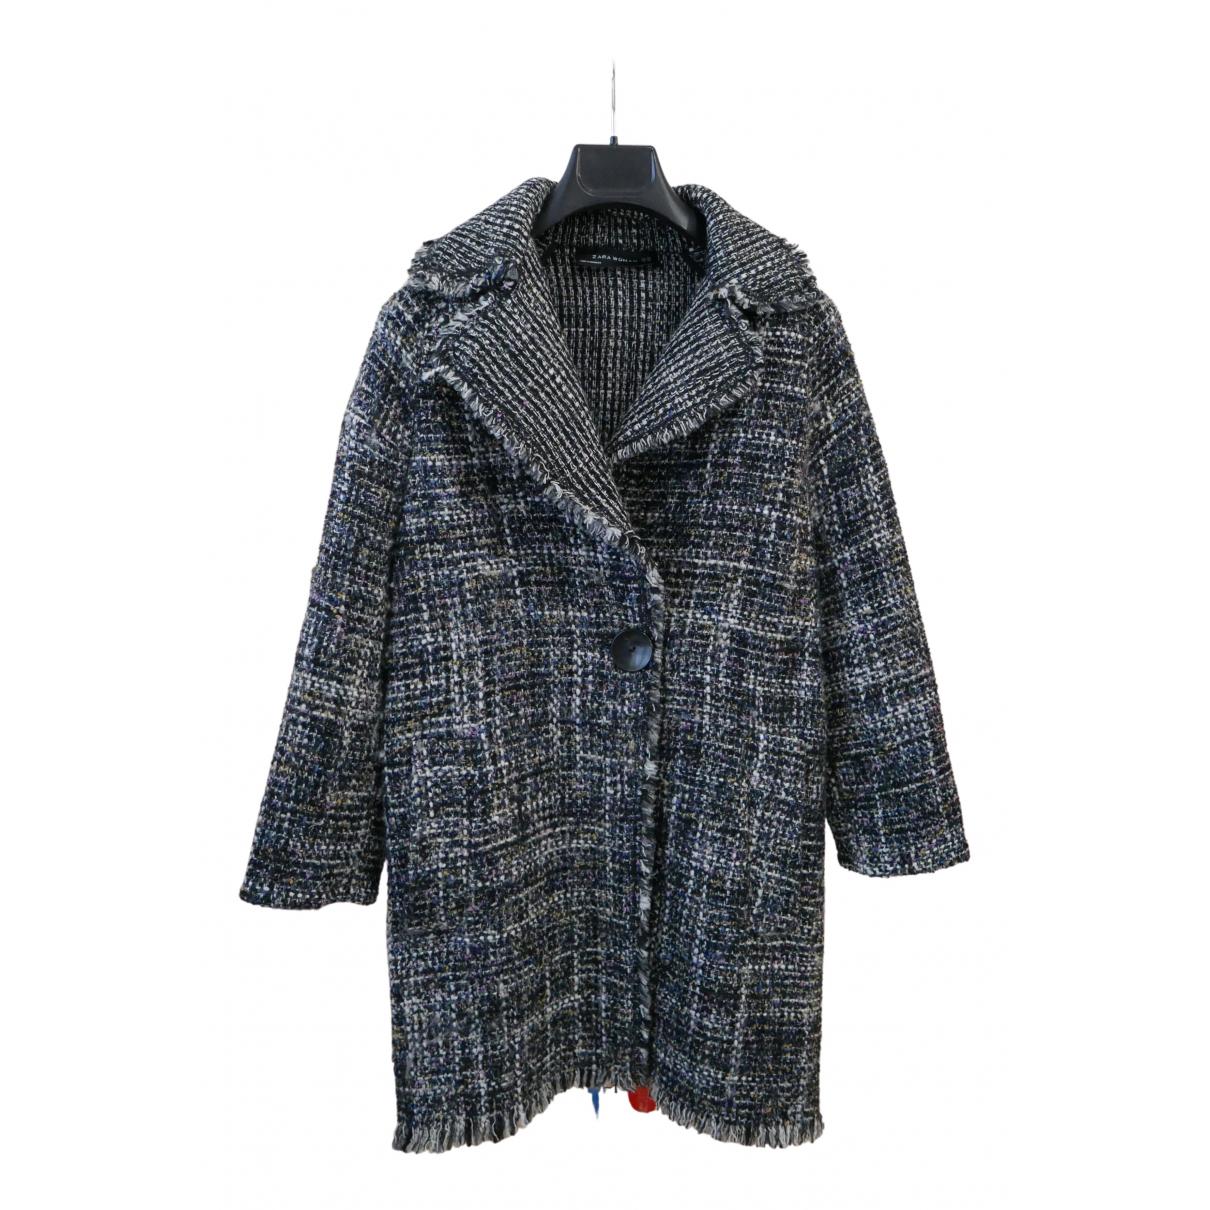 Zara \N Knitwear for Women XS International